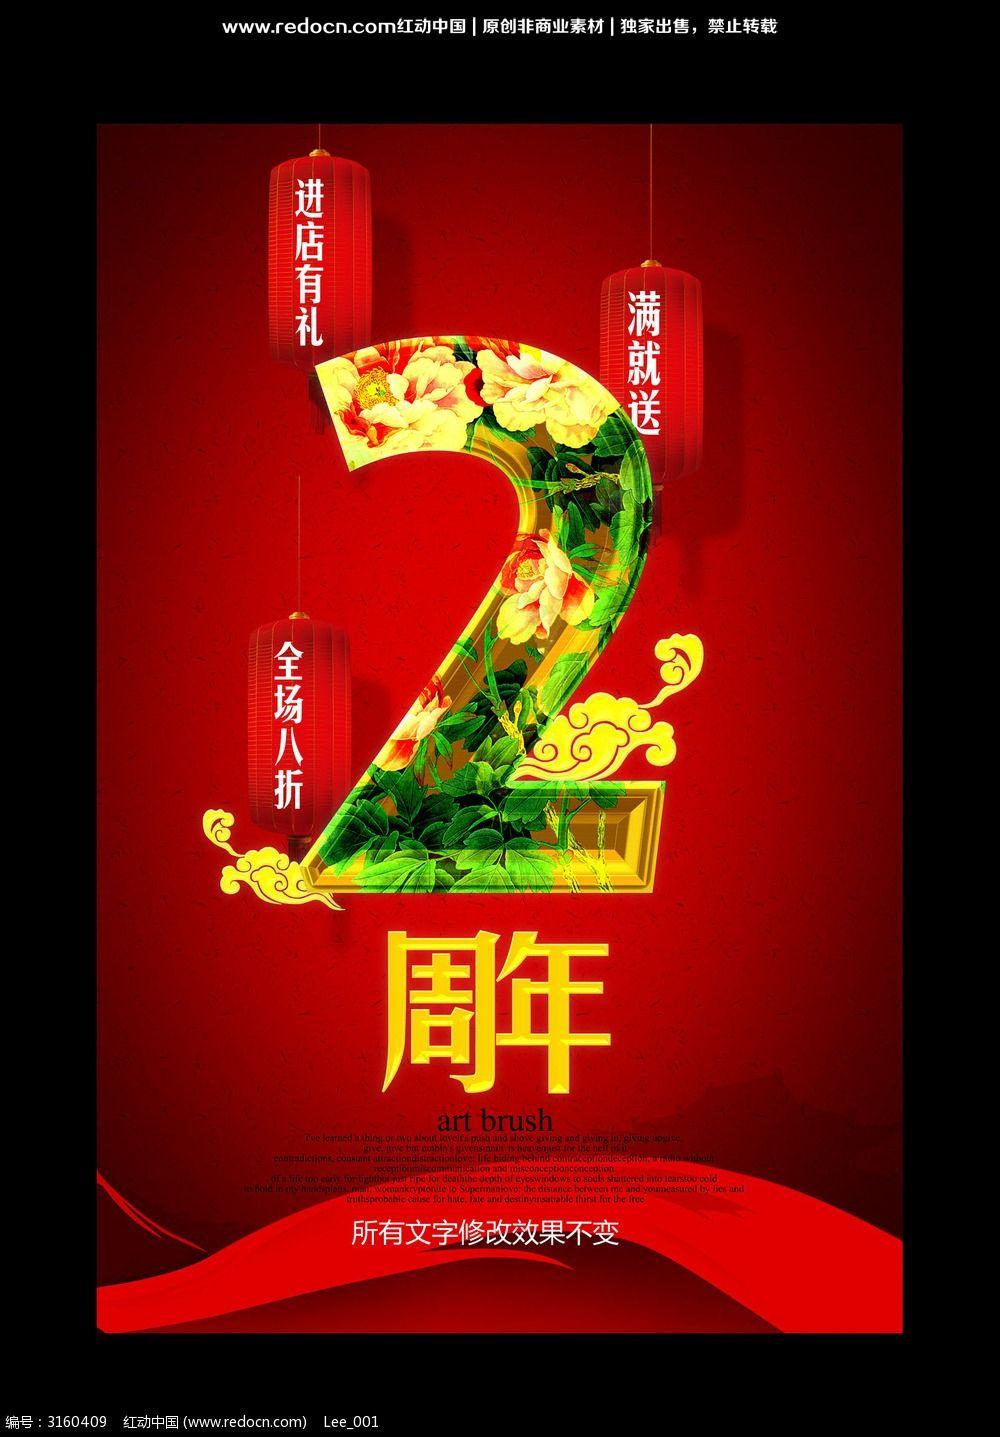 2周年店庆海报设计术设计置共公艺装图片